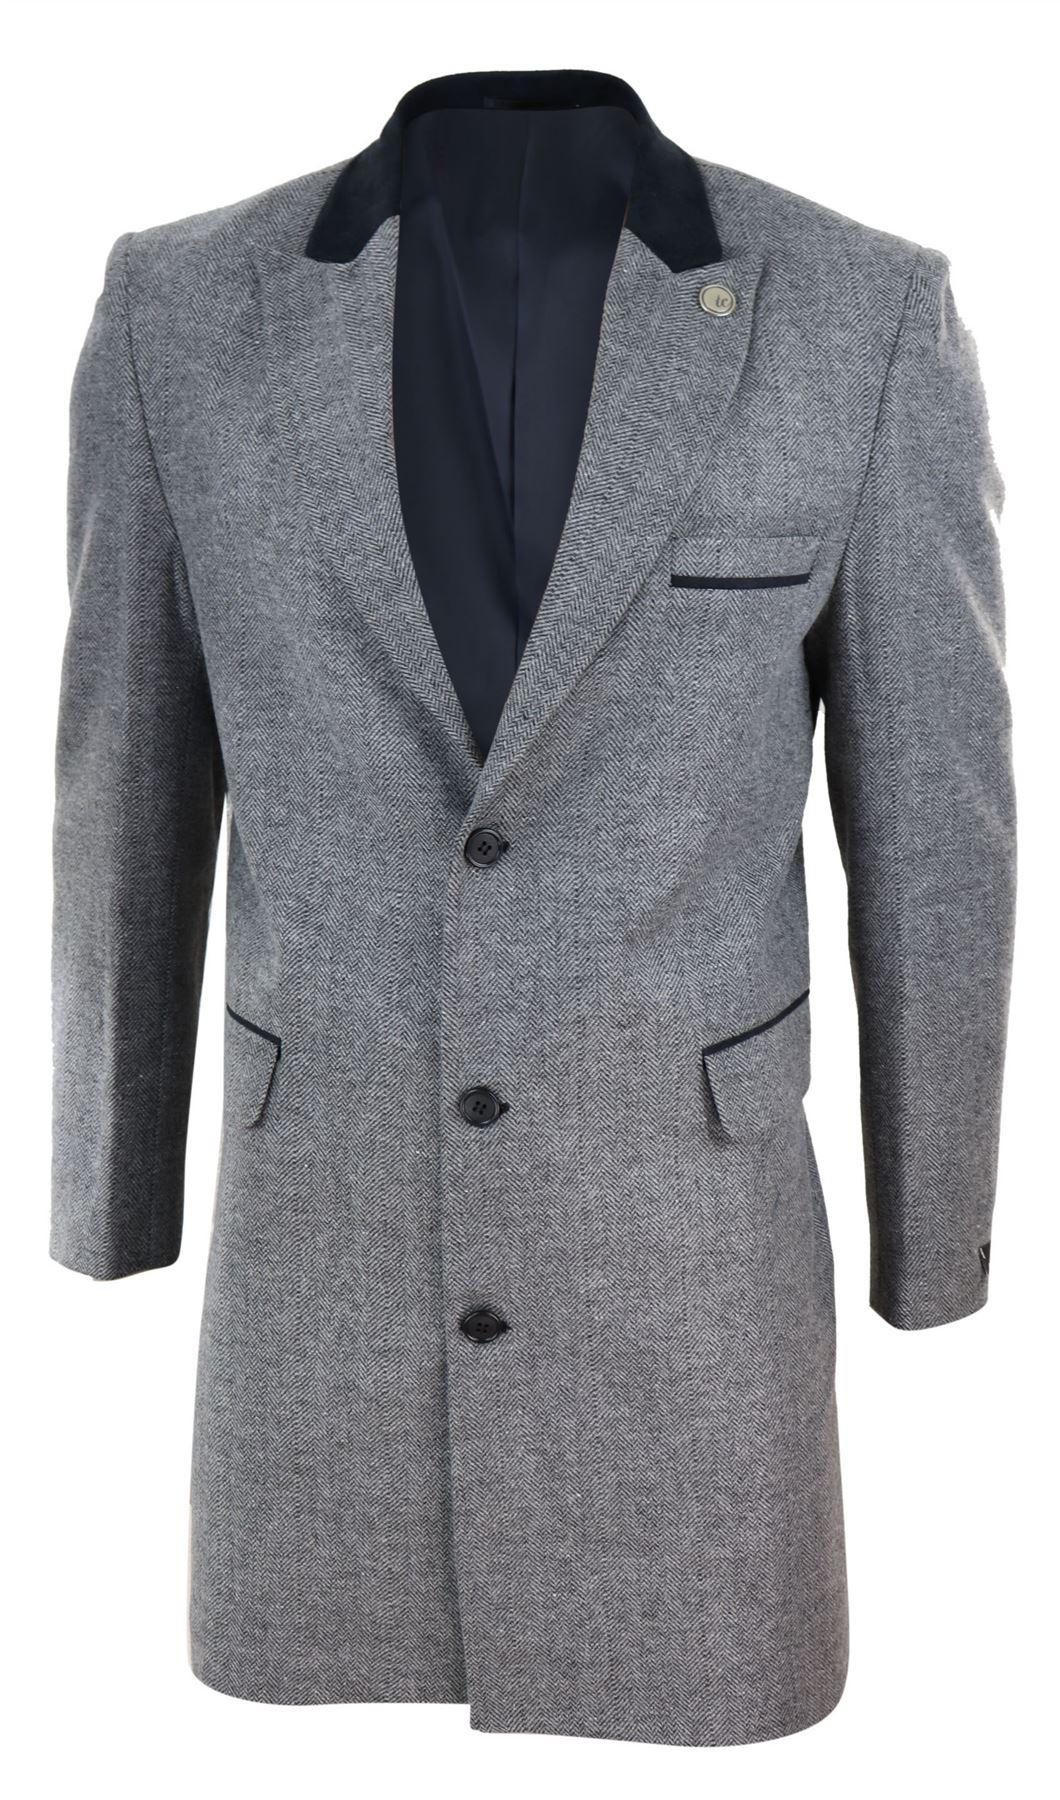 TruClothing.com Mens 3//4 Long Crombie Overcoat Jacket Wool Feel Coat Peaky Blinders Slim Fit